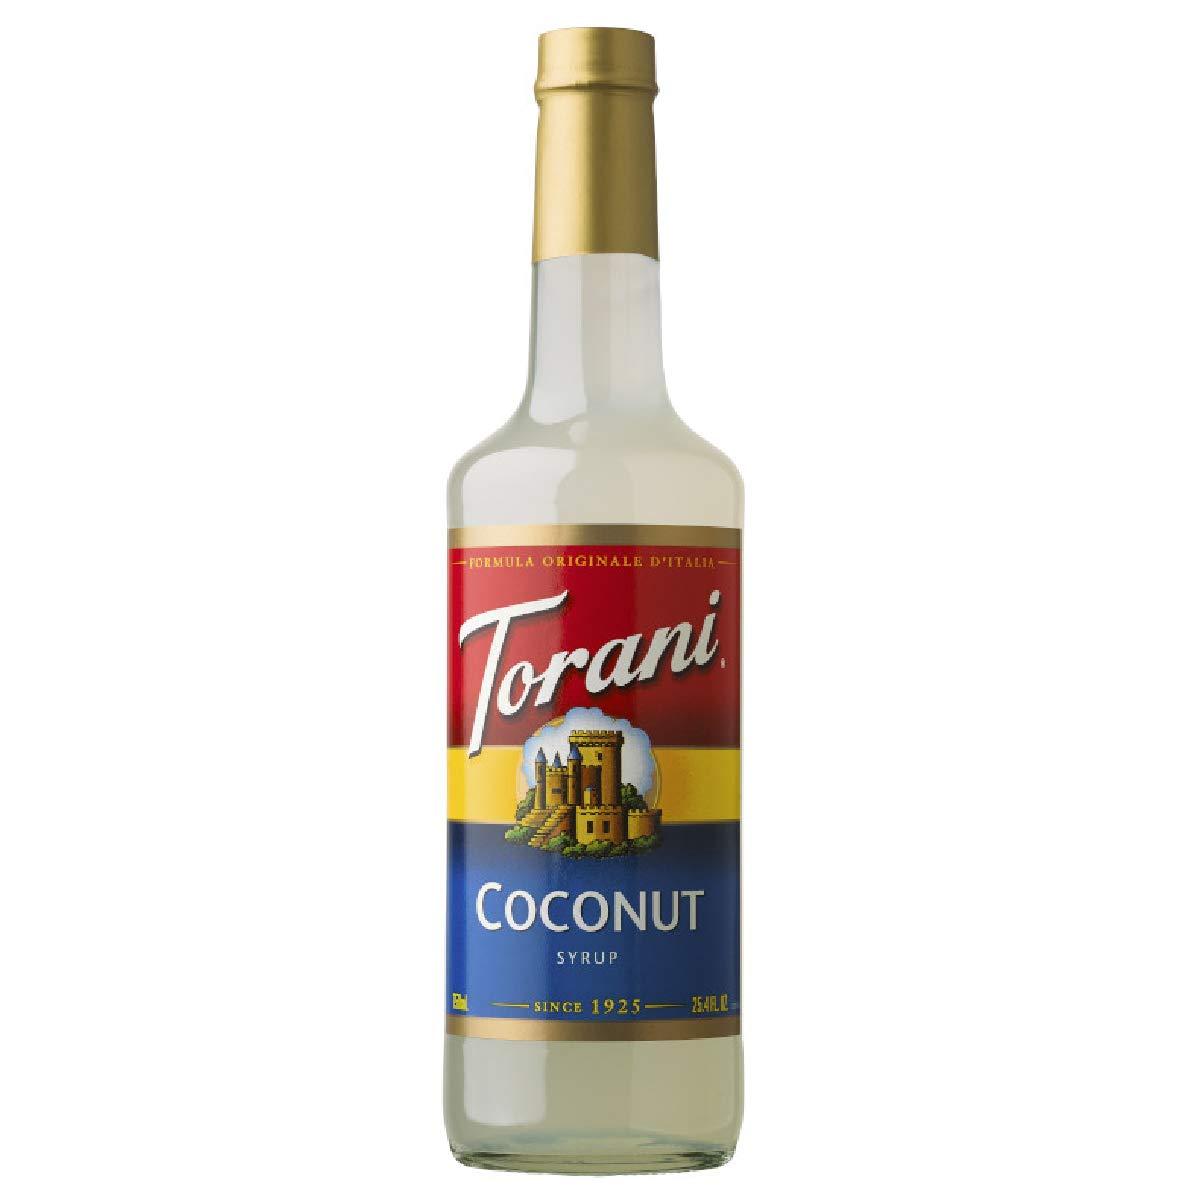 TORANI - COCONUT